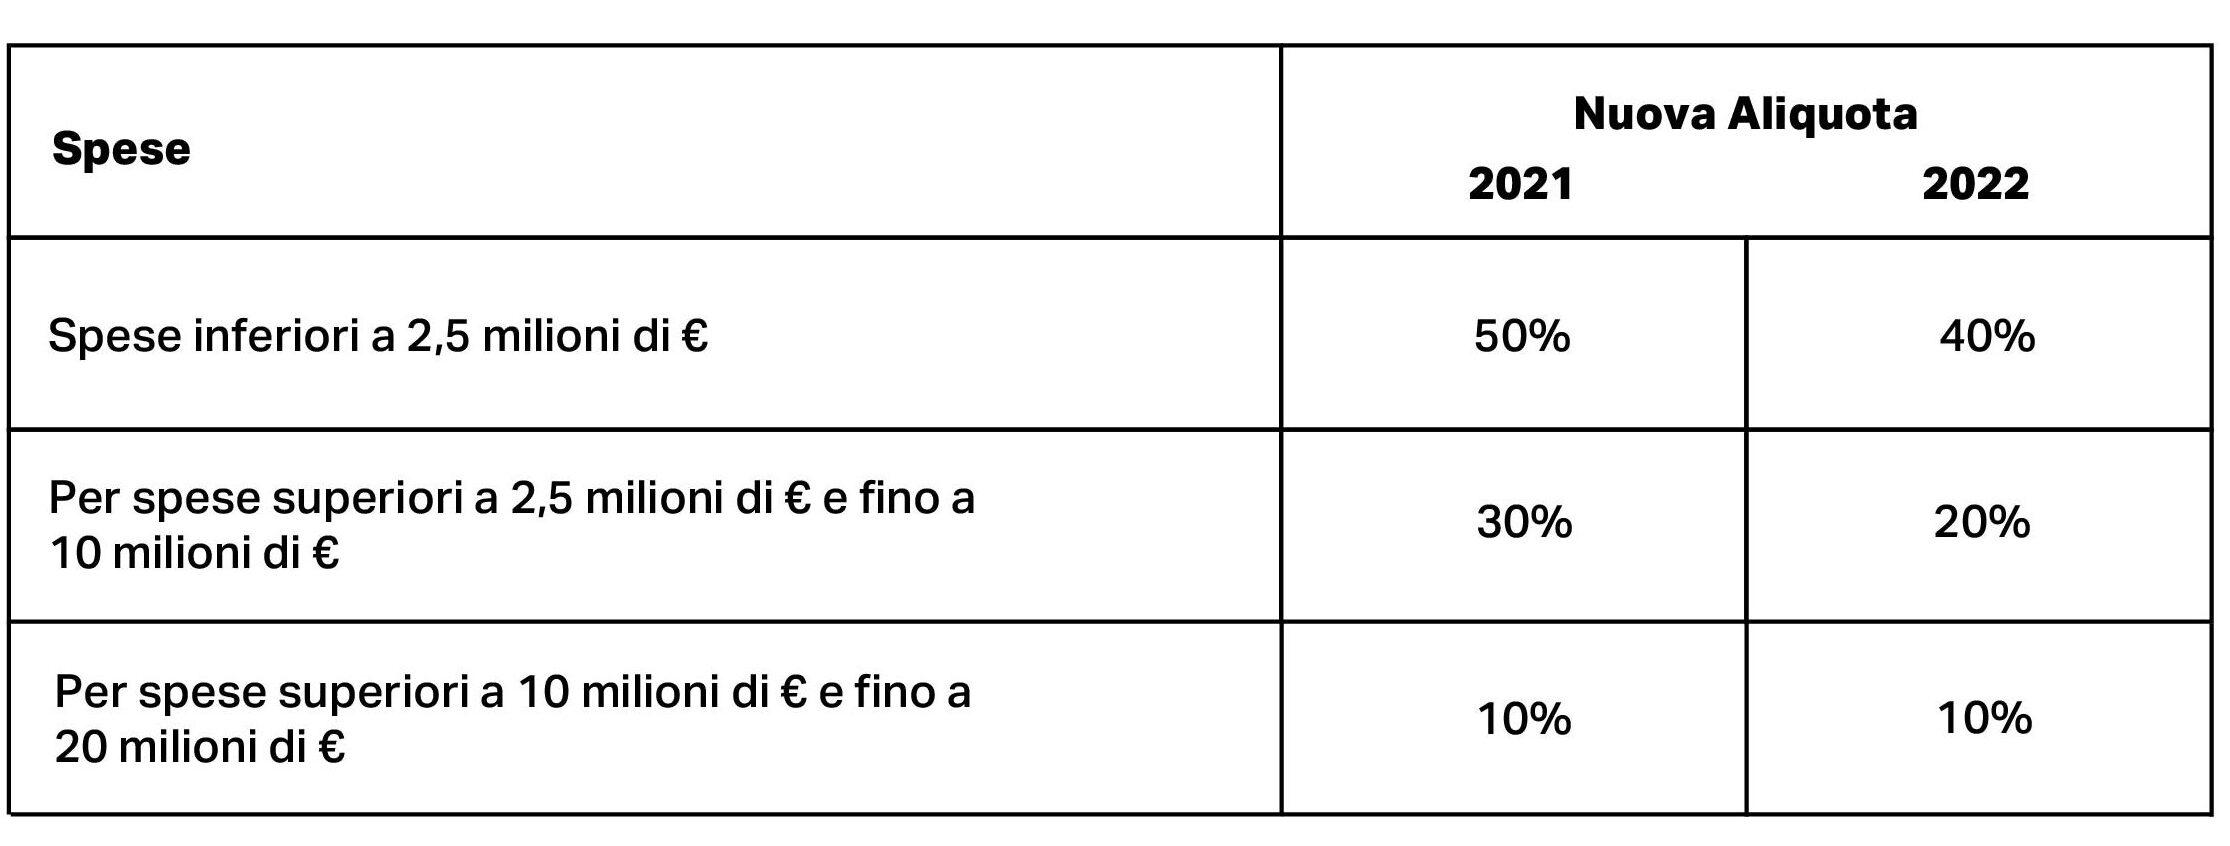 schema che riassume le nuove aliquote suddivise per spesa